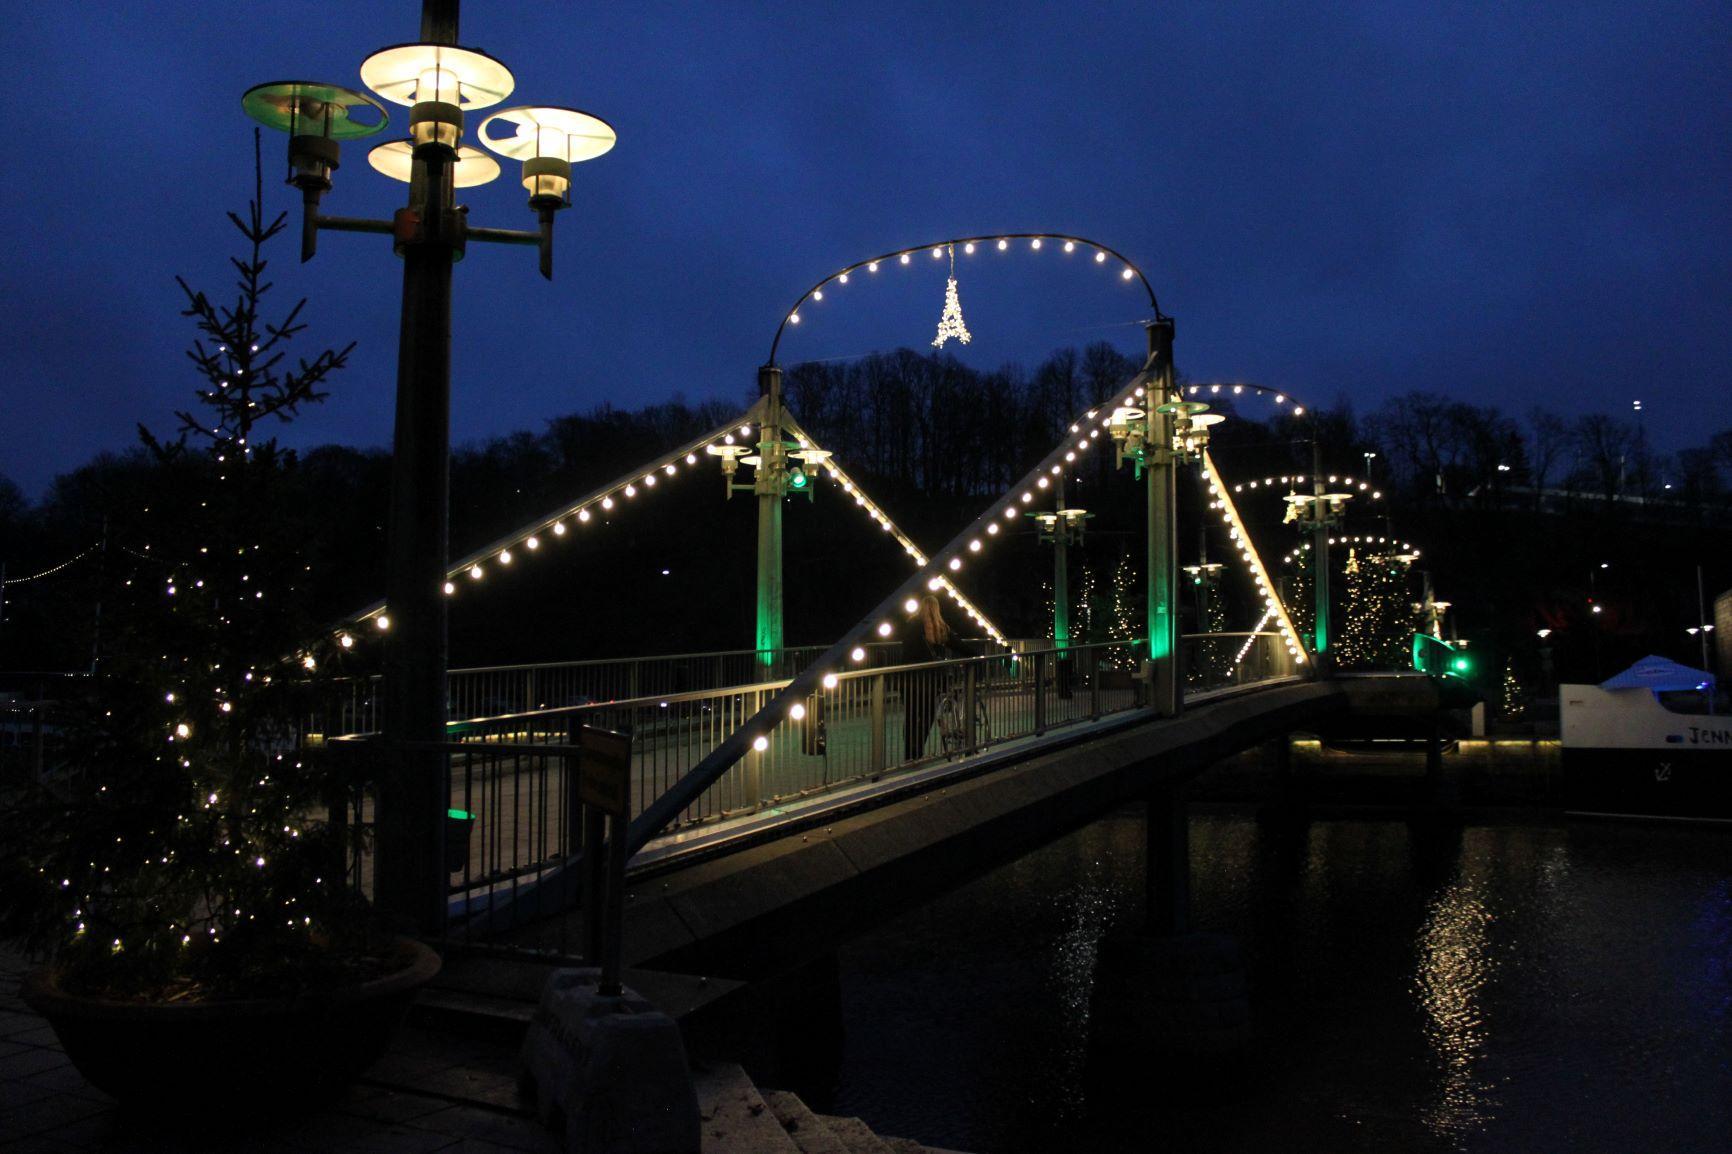 En bro i mörkret med lysande dekoration